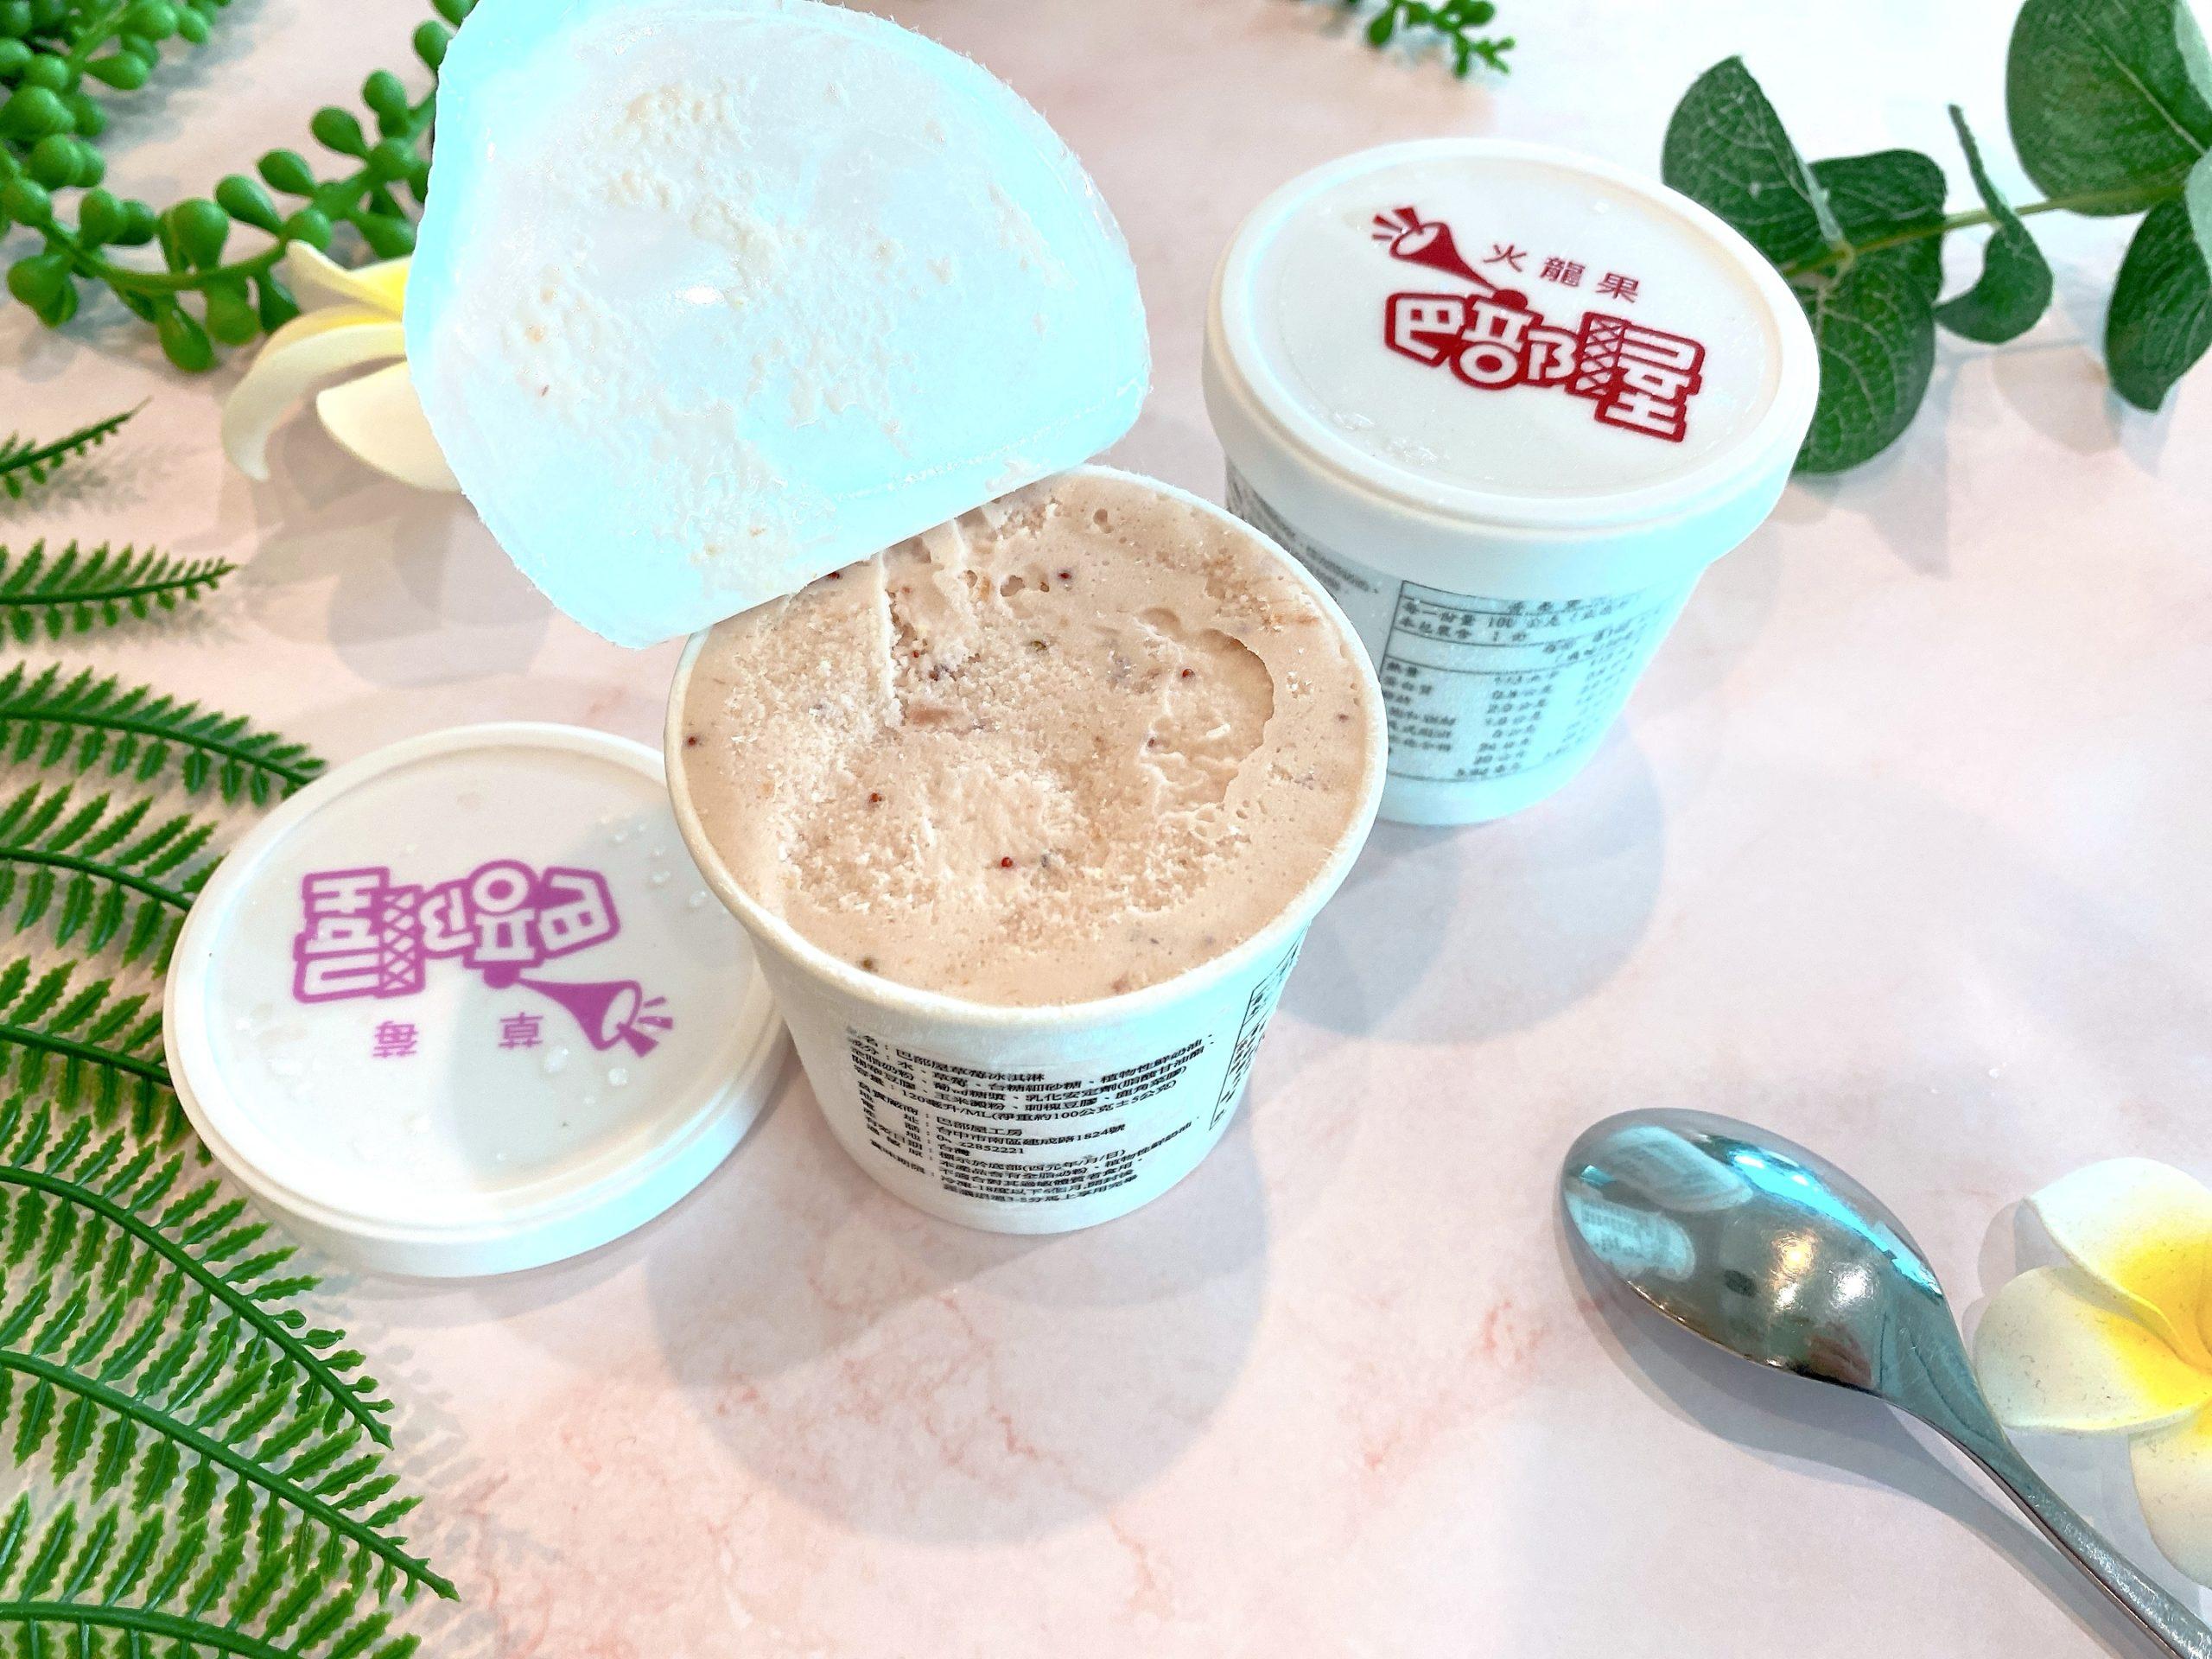 天然的台中義式冰淇淋